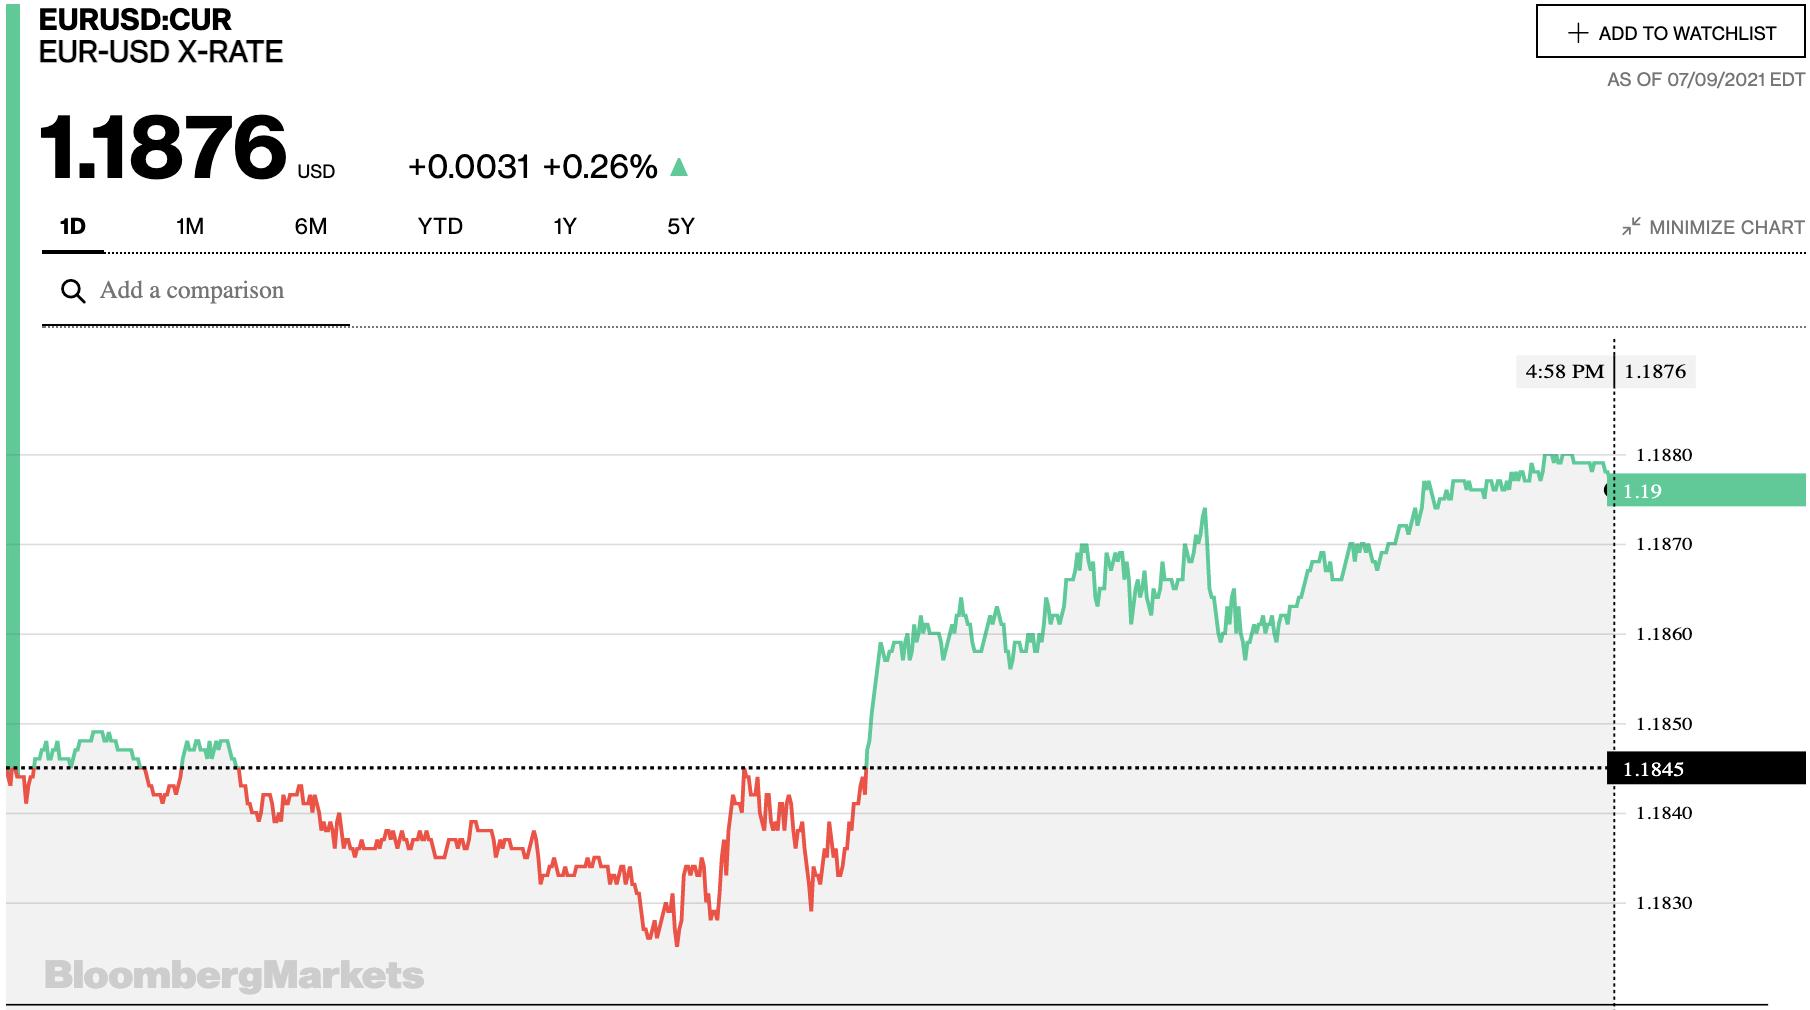 Tỷ giá euro hôm nay 10/7: Biến động trái chiều tại các ngân hàng ngày cuối tuần - Ảnh 2.